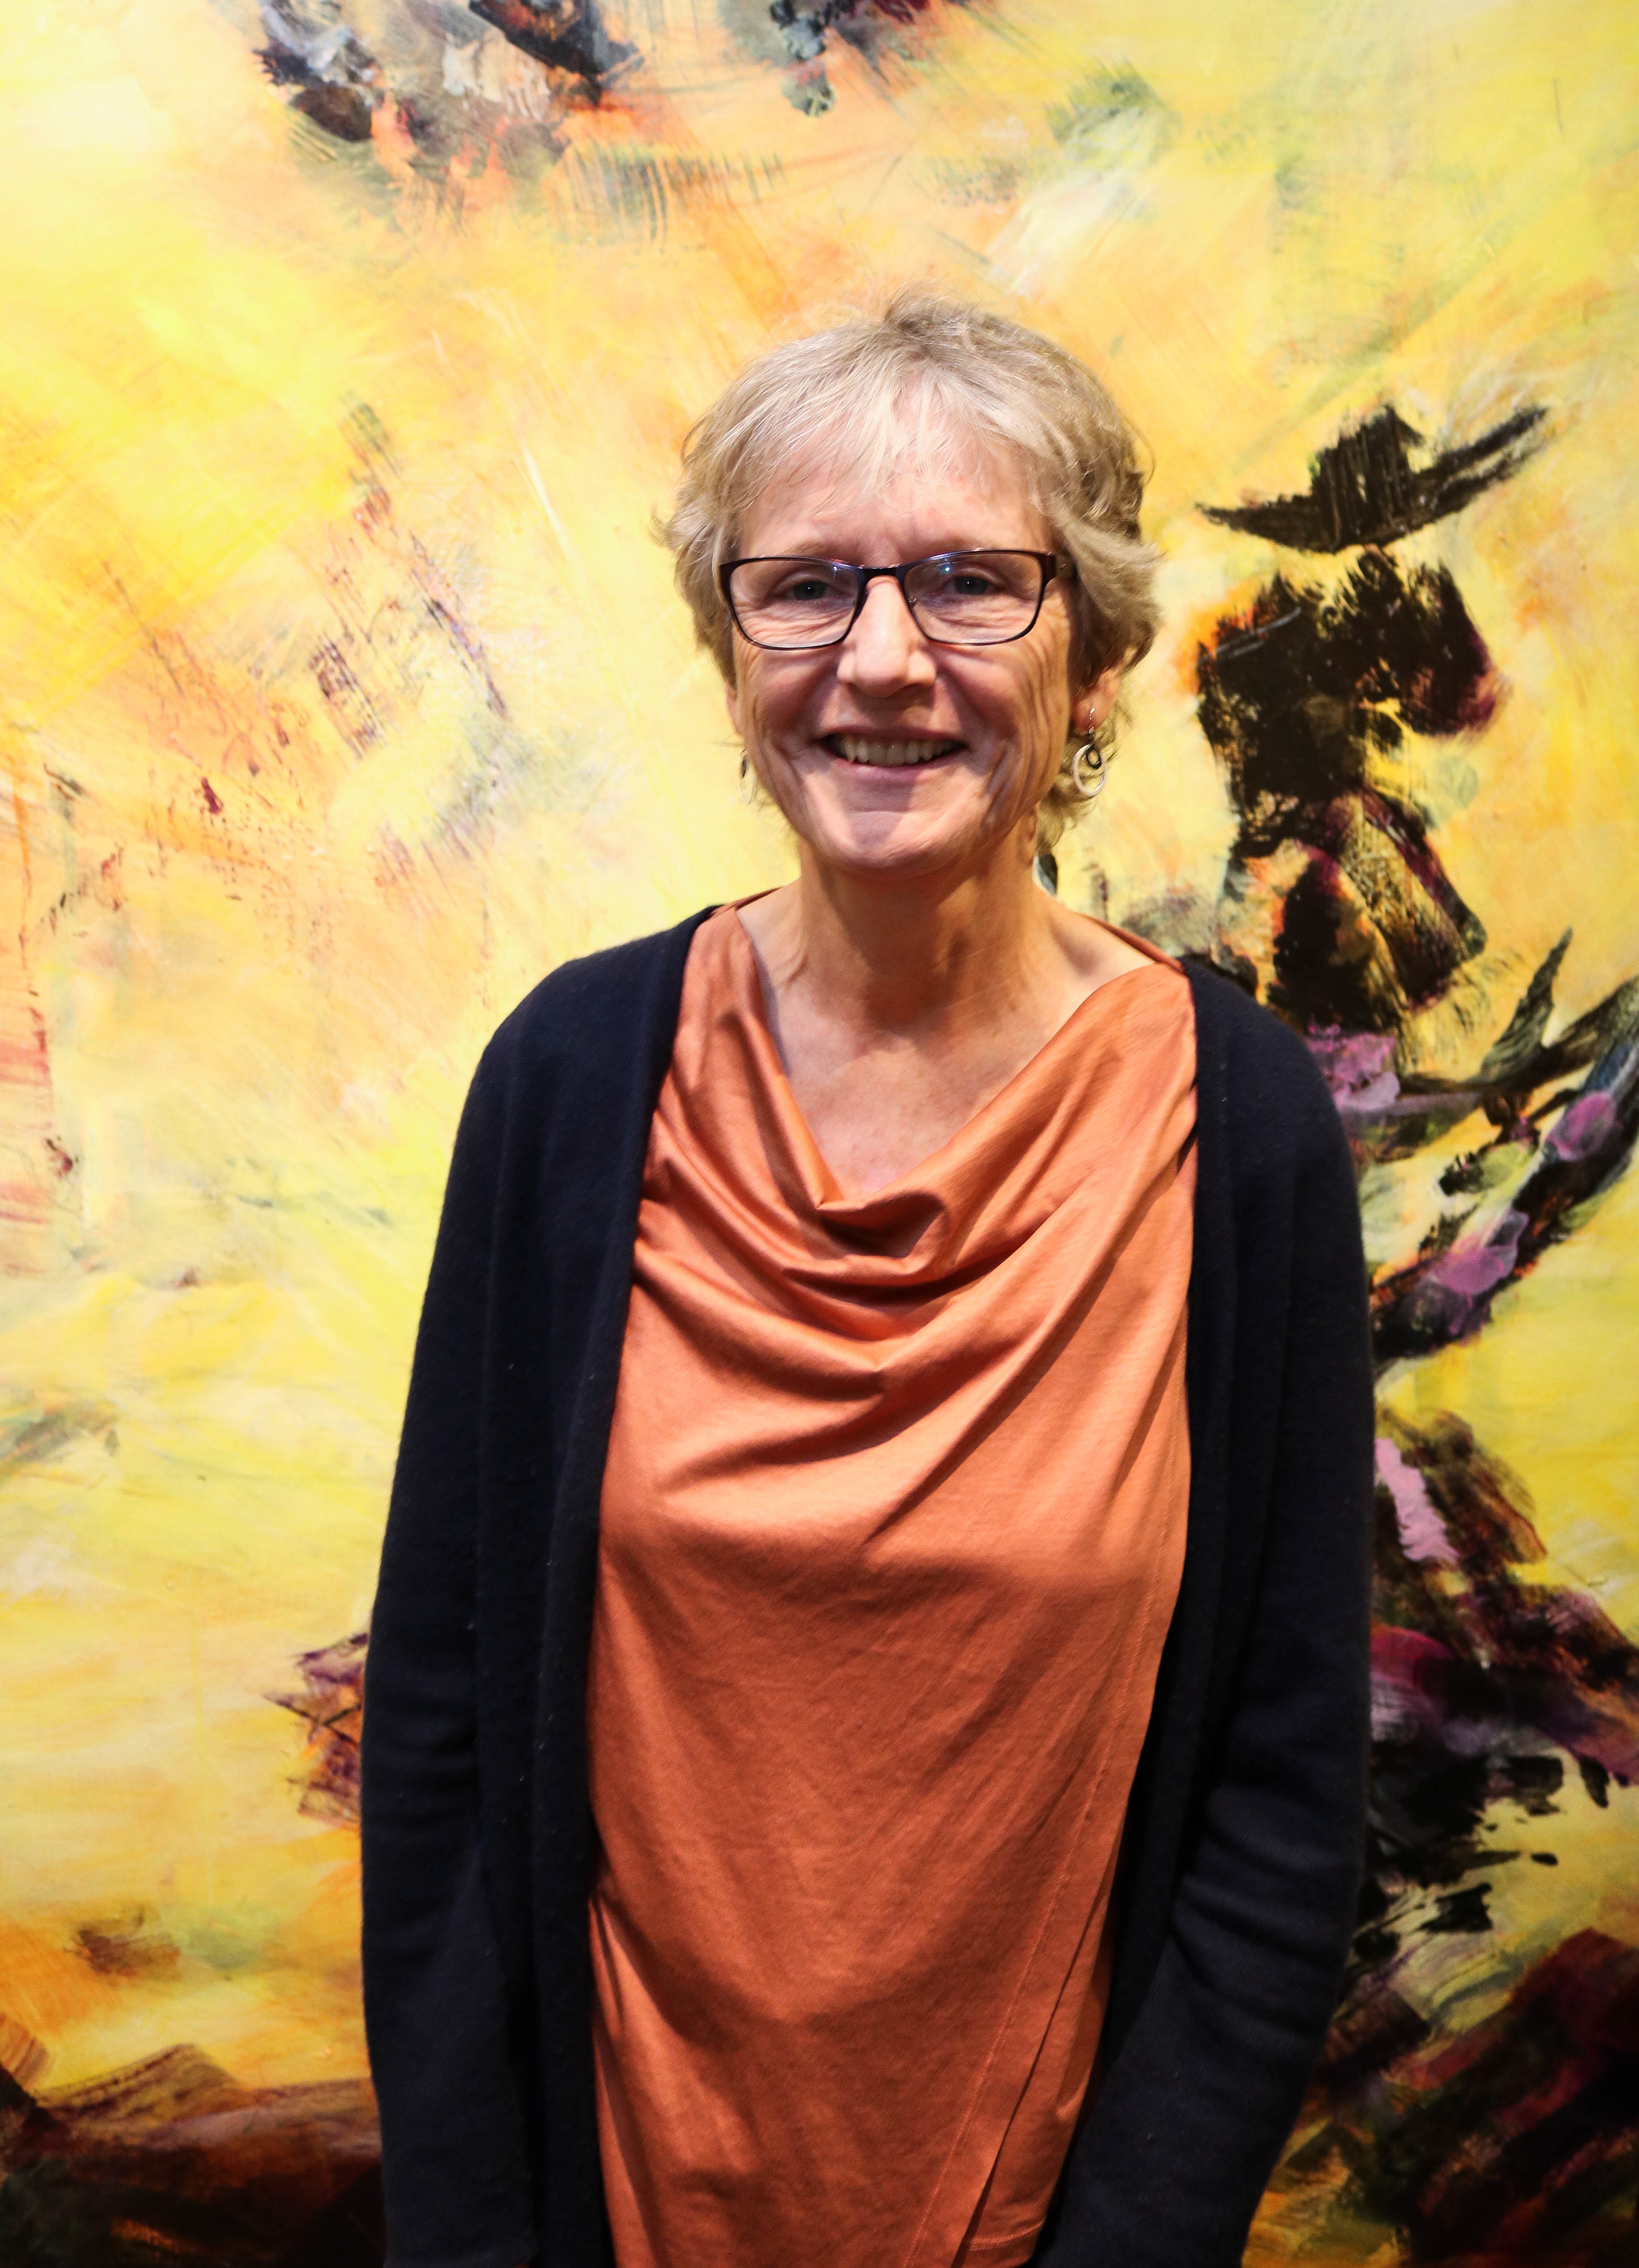 Marianne Disch, portrettfoto foran et gulspraglete maleri. Høydebilde.